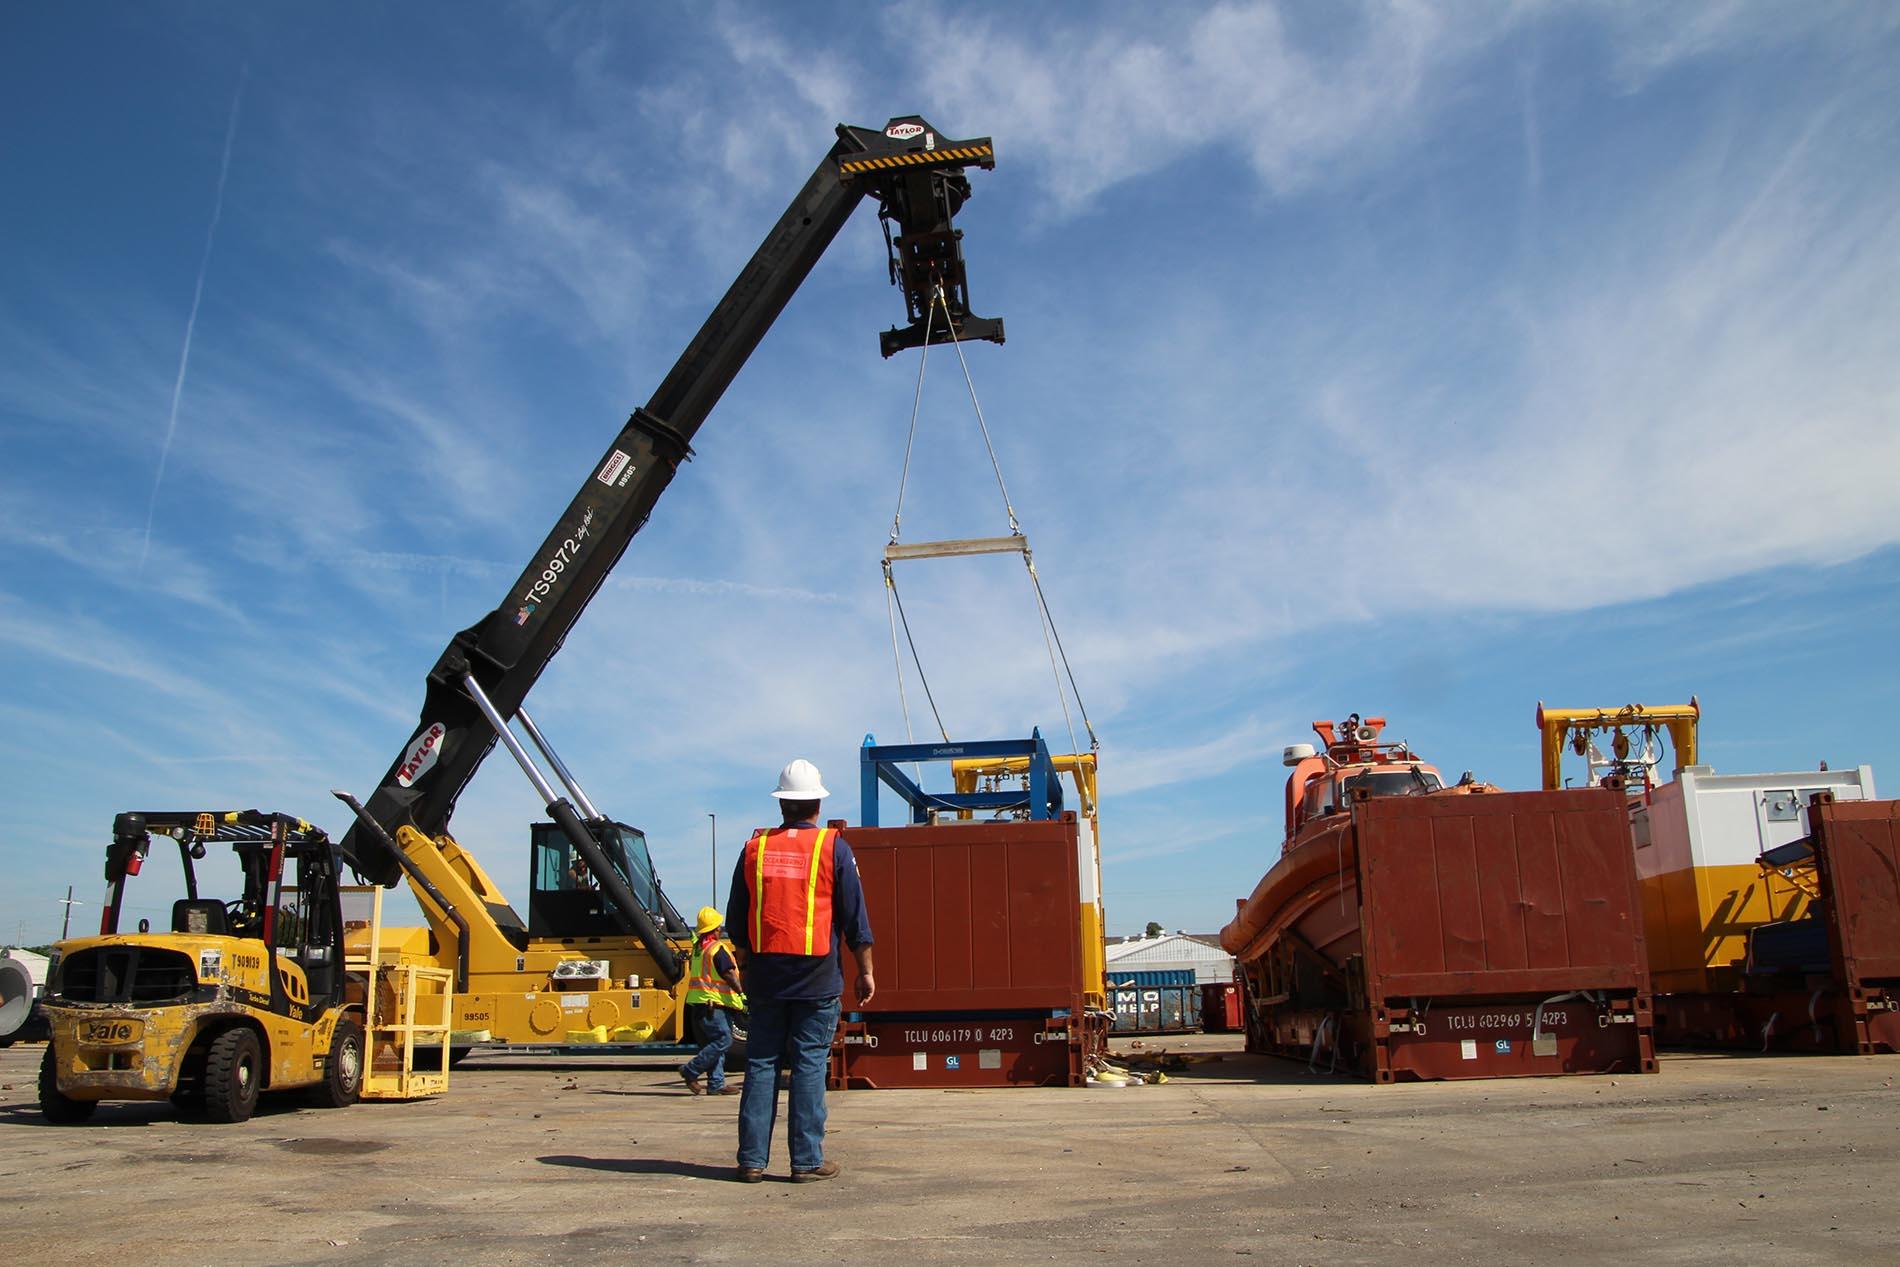 Large cargo on crane